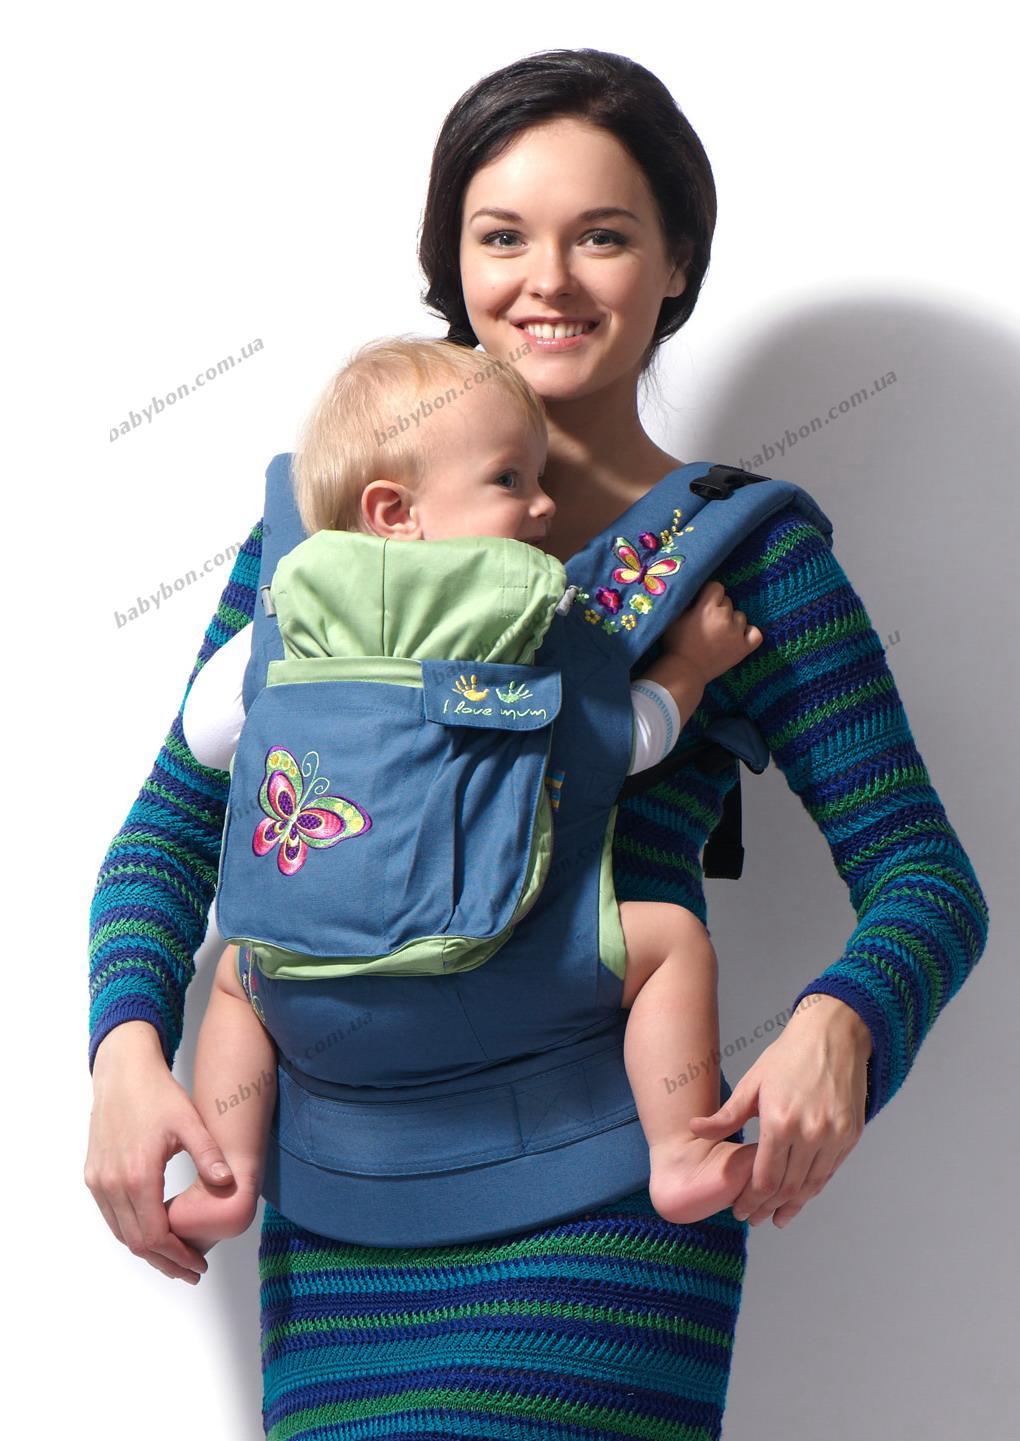 Эргономический рюкзак переноска индивидуальный пошив рюкзаков сумок